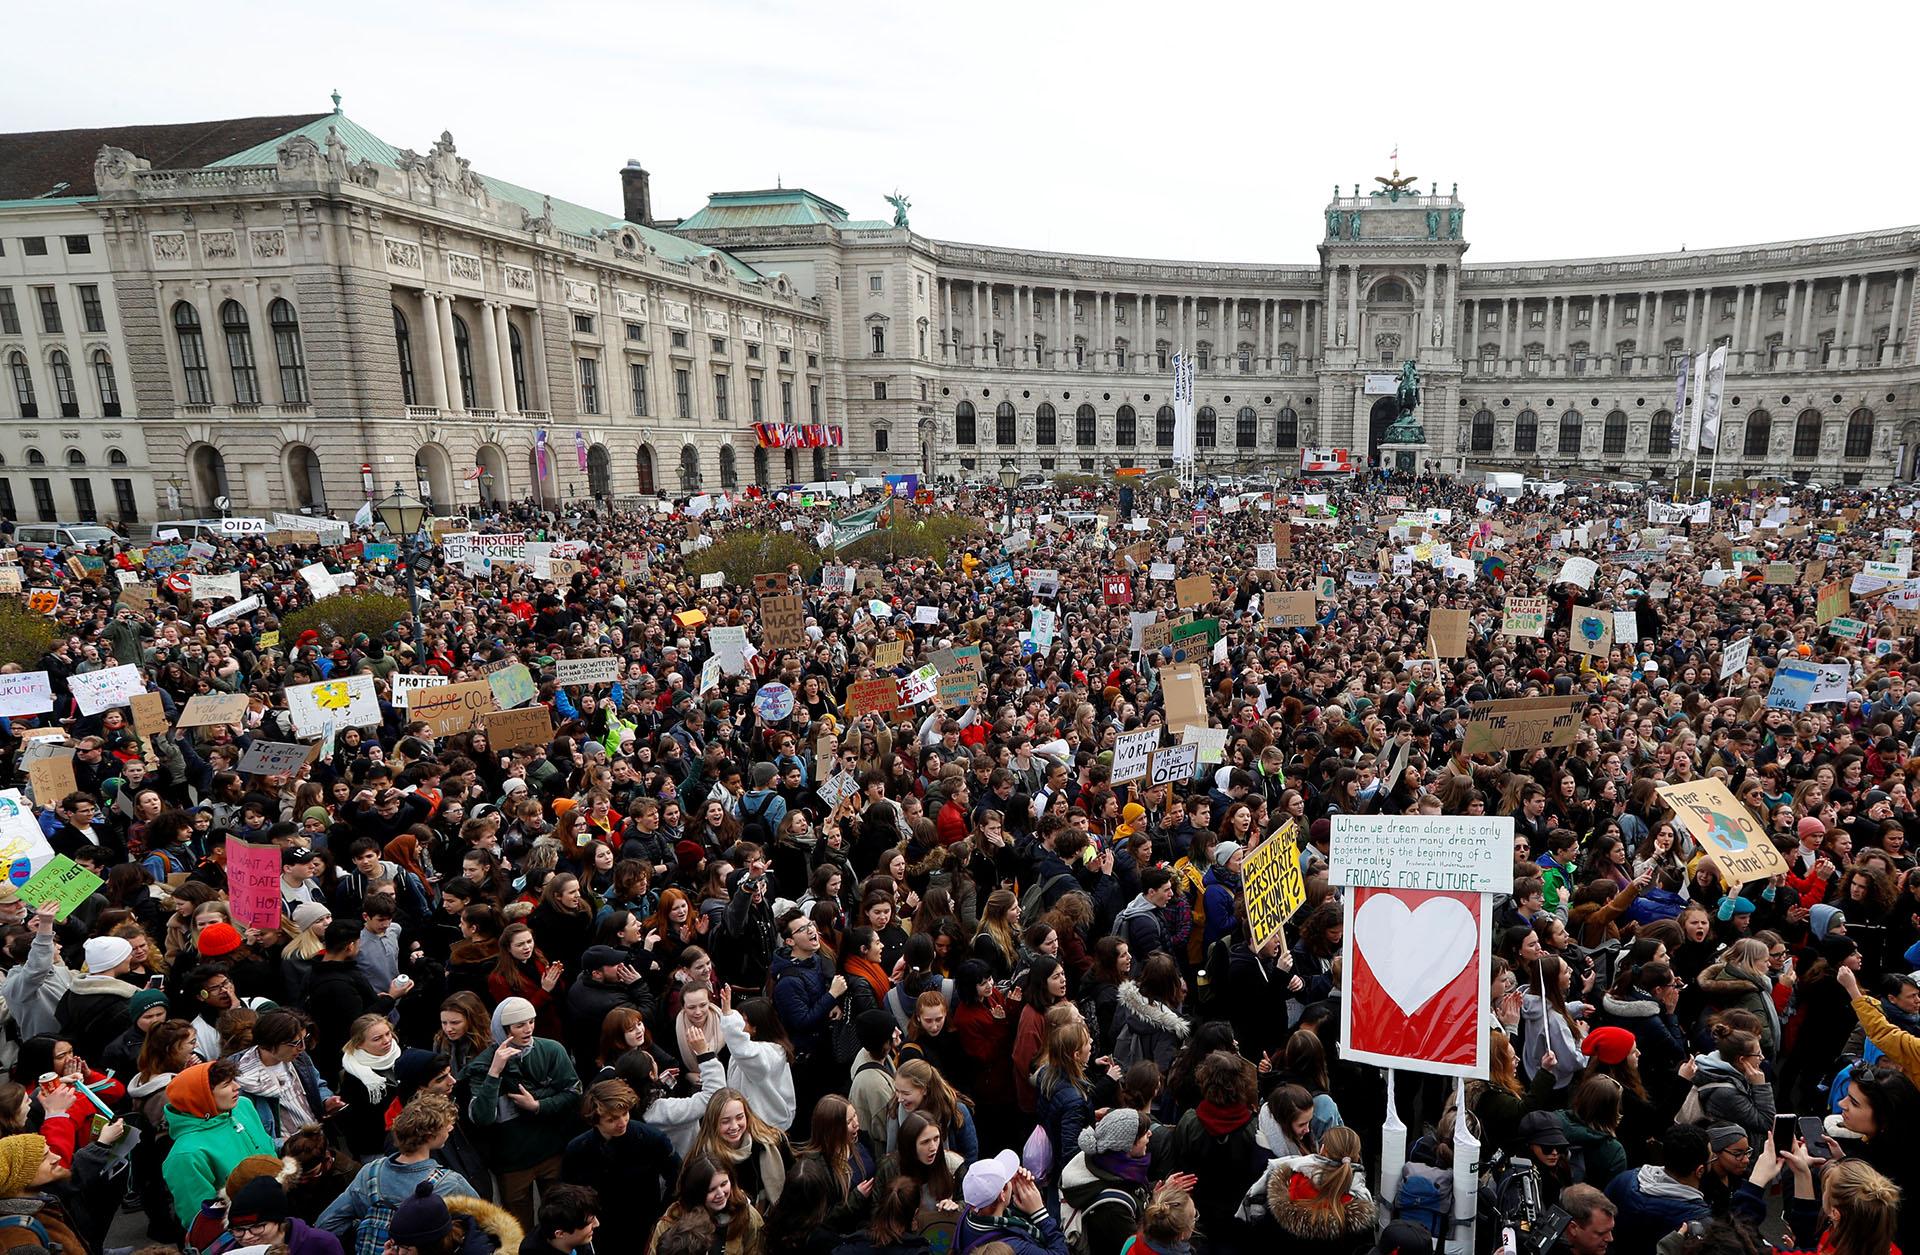 Miles de estudiantes llenaron la Plaza de los Héroes (Heldenplatz) en el centro de Viena, en Austria